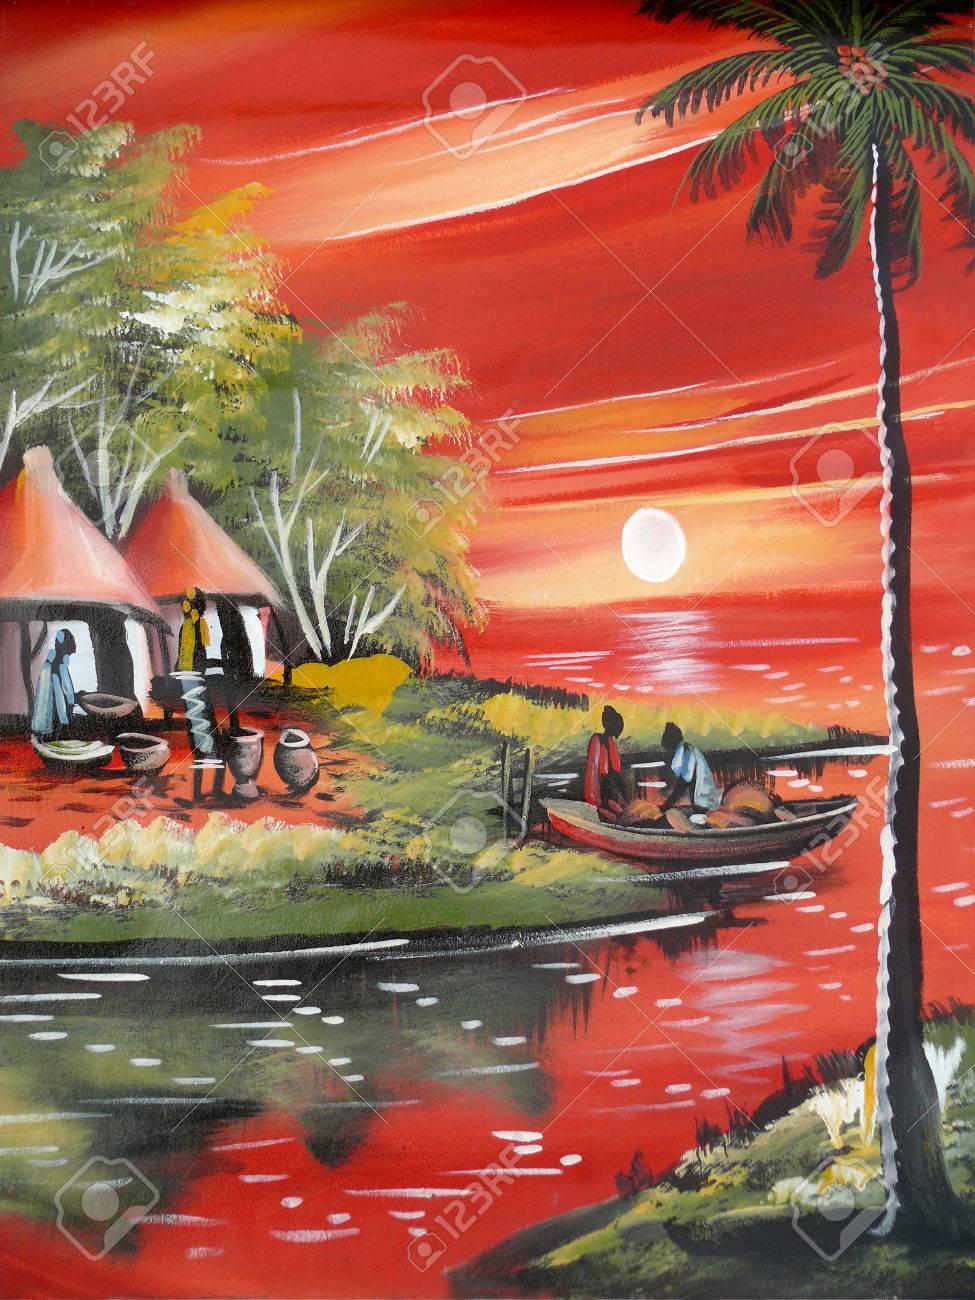 Dibujos De La Vida étnica En áfrica Mozambique Del Paisaje Naturaleza Casas En El Fondo River Las Personas Navegan En El Barco Fotos Retratos Imágenes Y Fotografía De Archivo Libres De Derecho